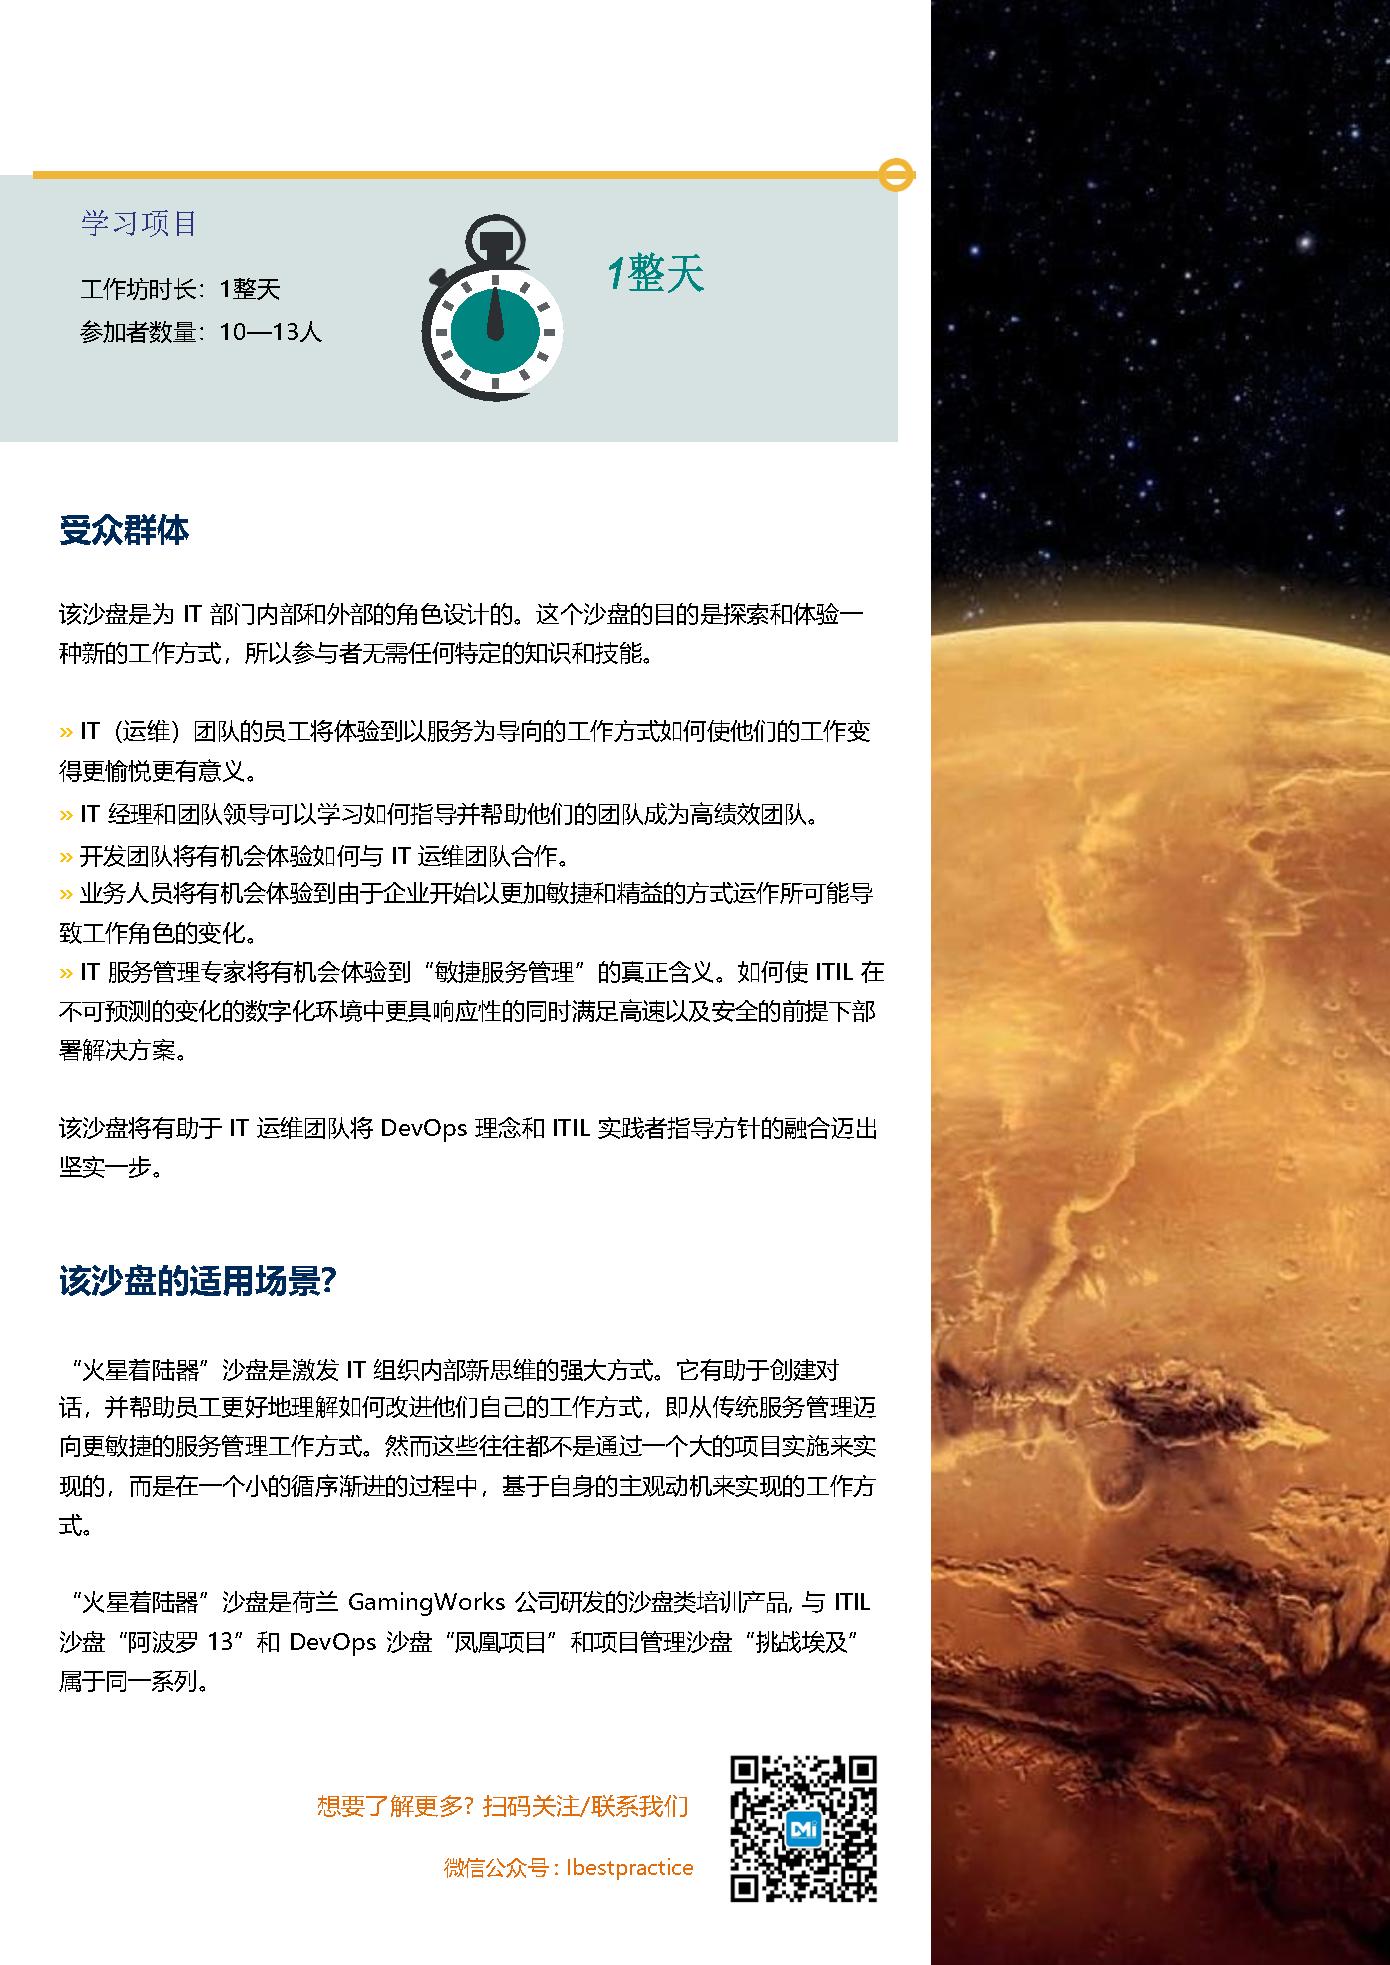 火星着陆器2.0 new_Page4.png